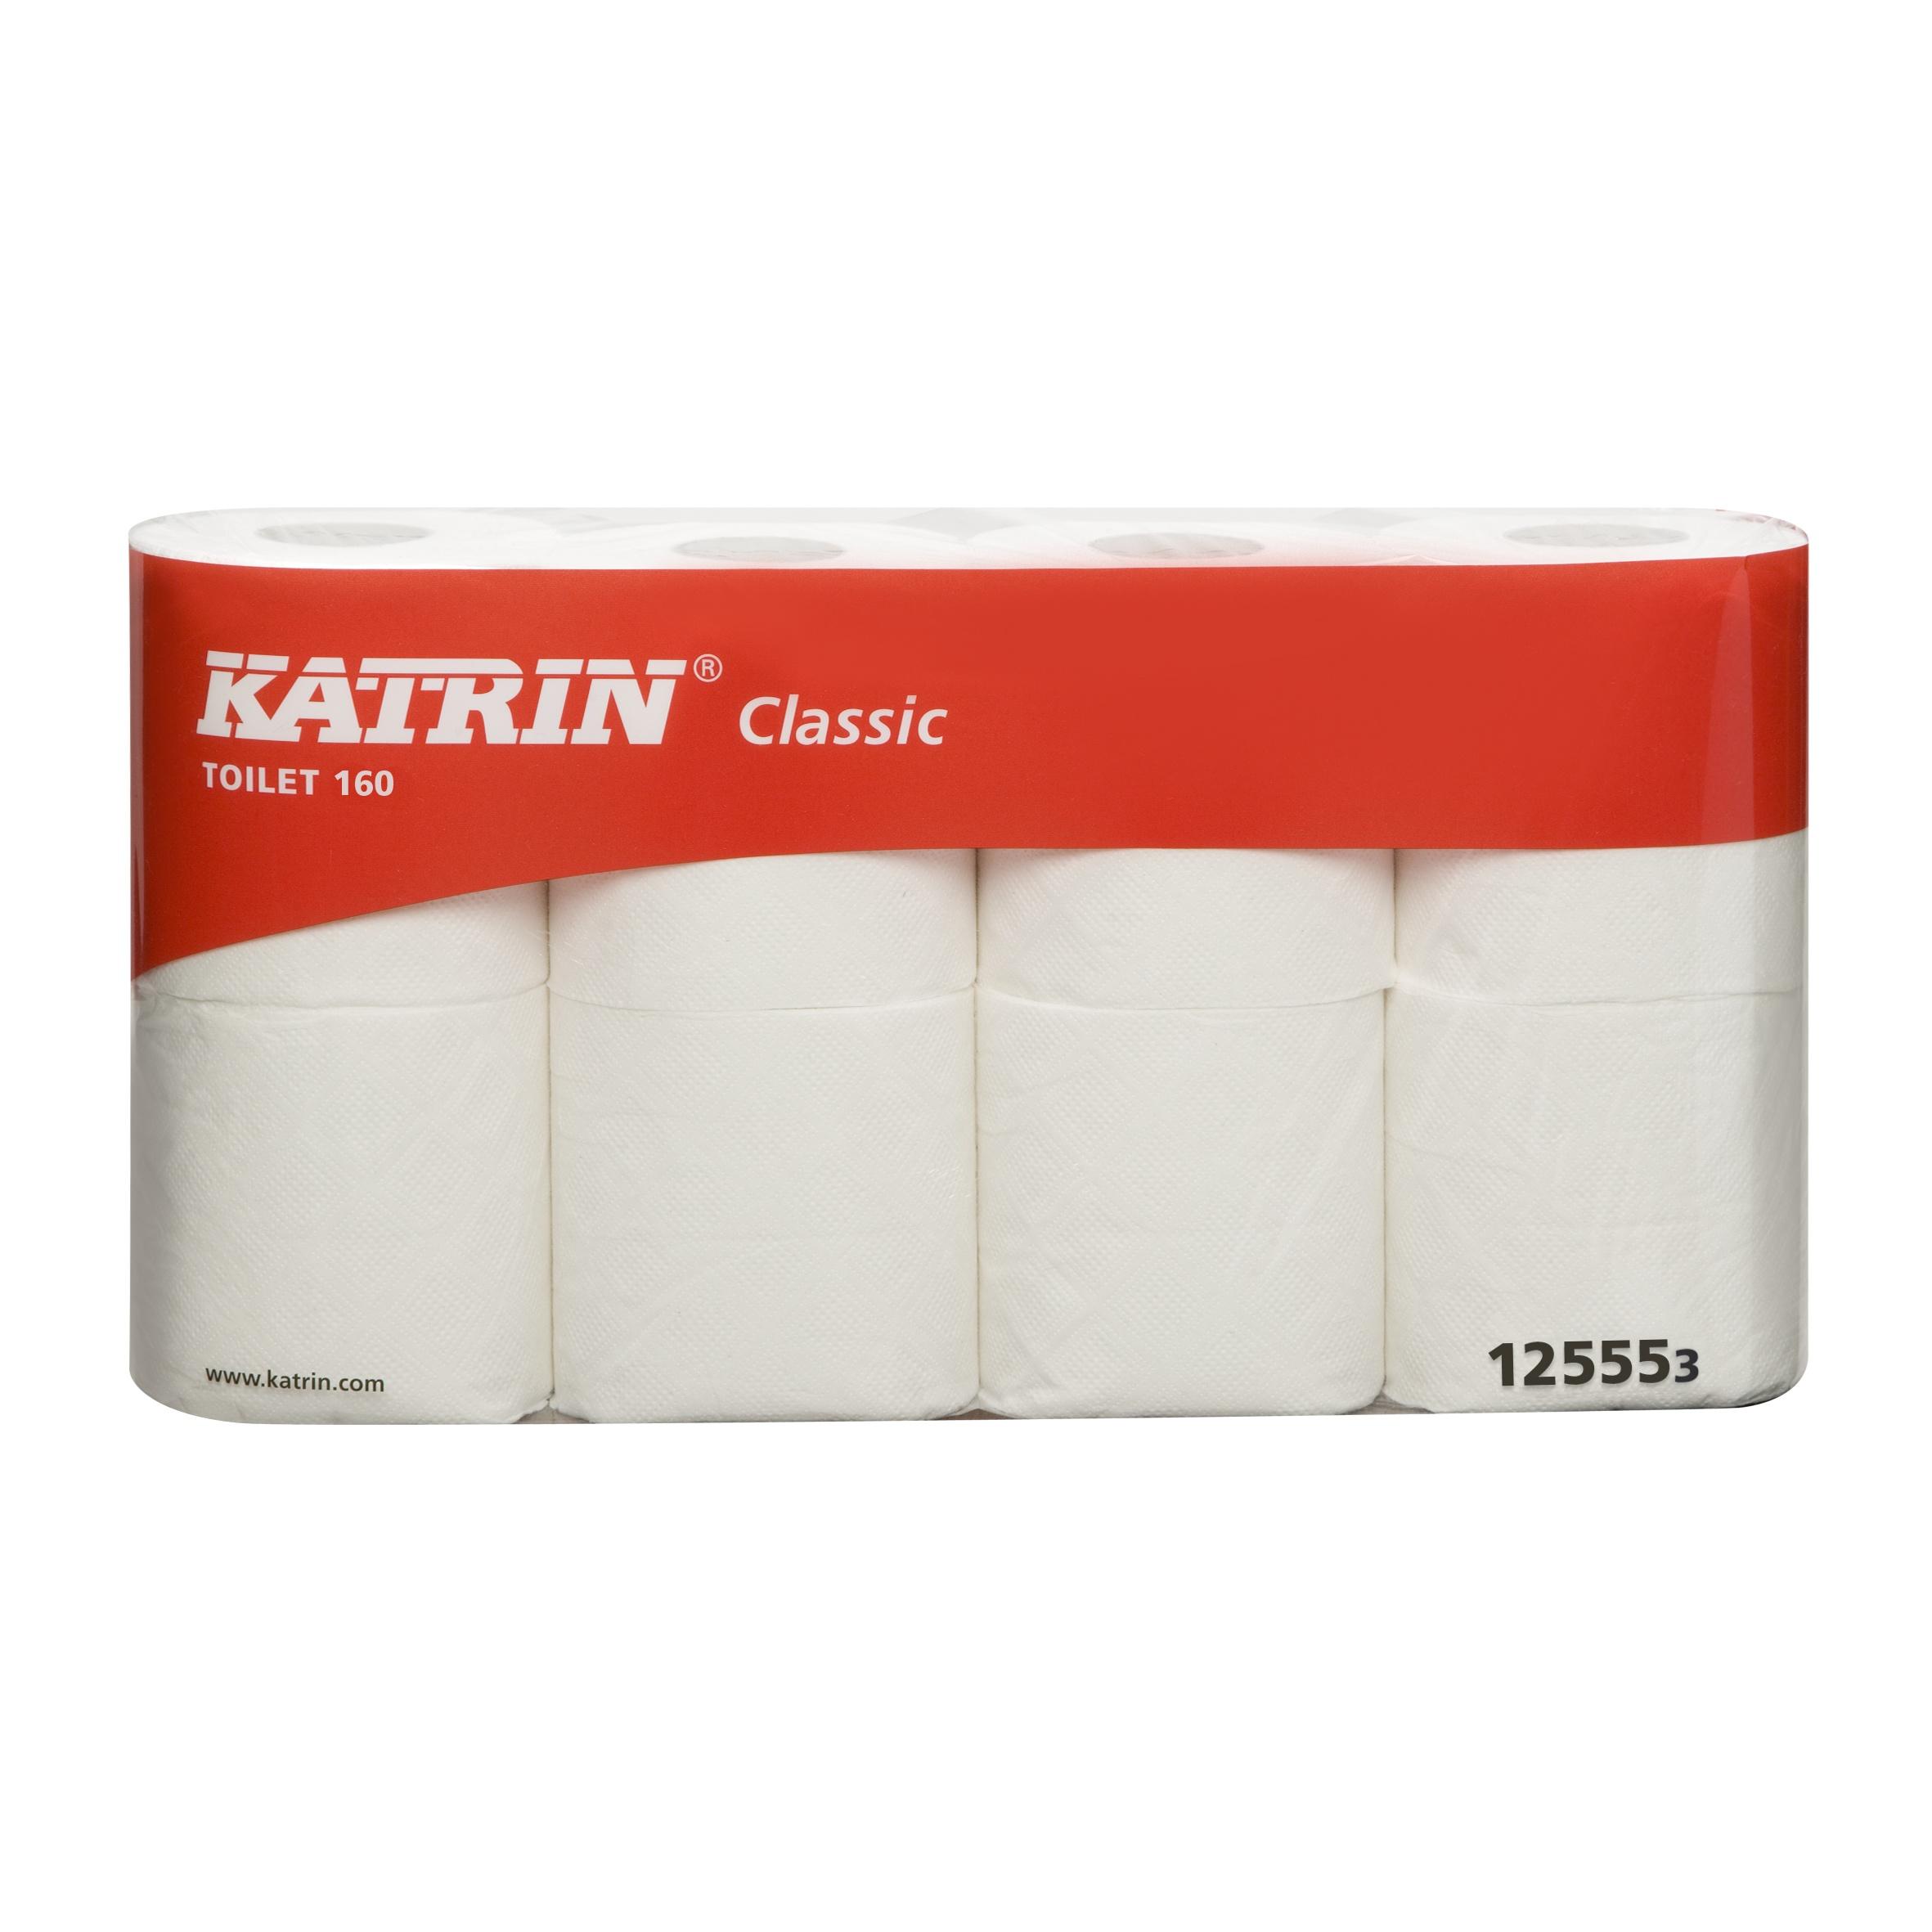 Katin Classic Toilet 160 125553